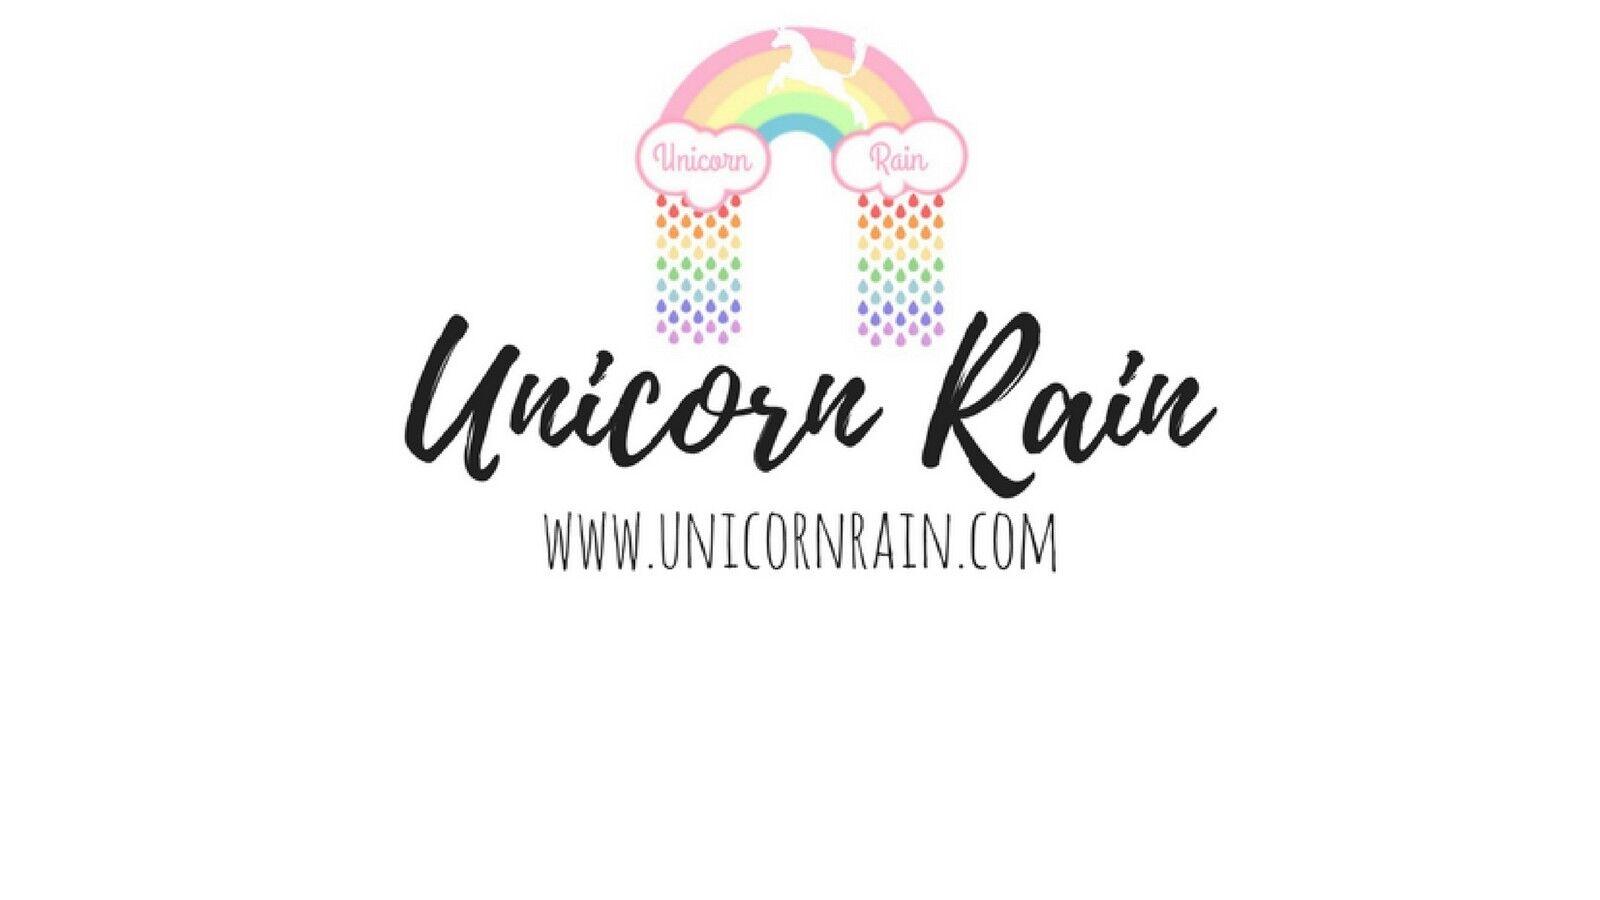 Unicorn Rain